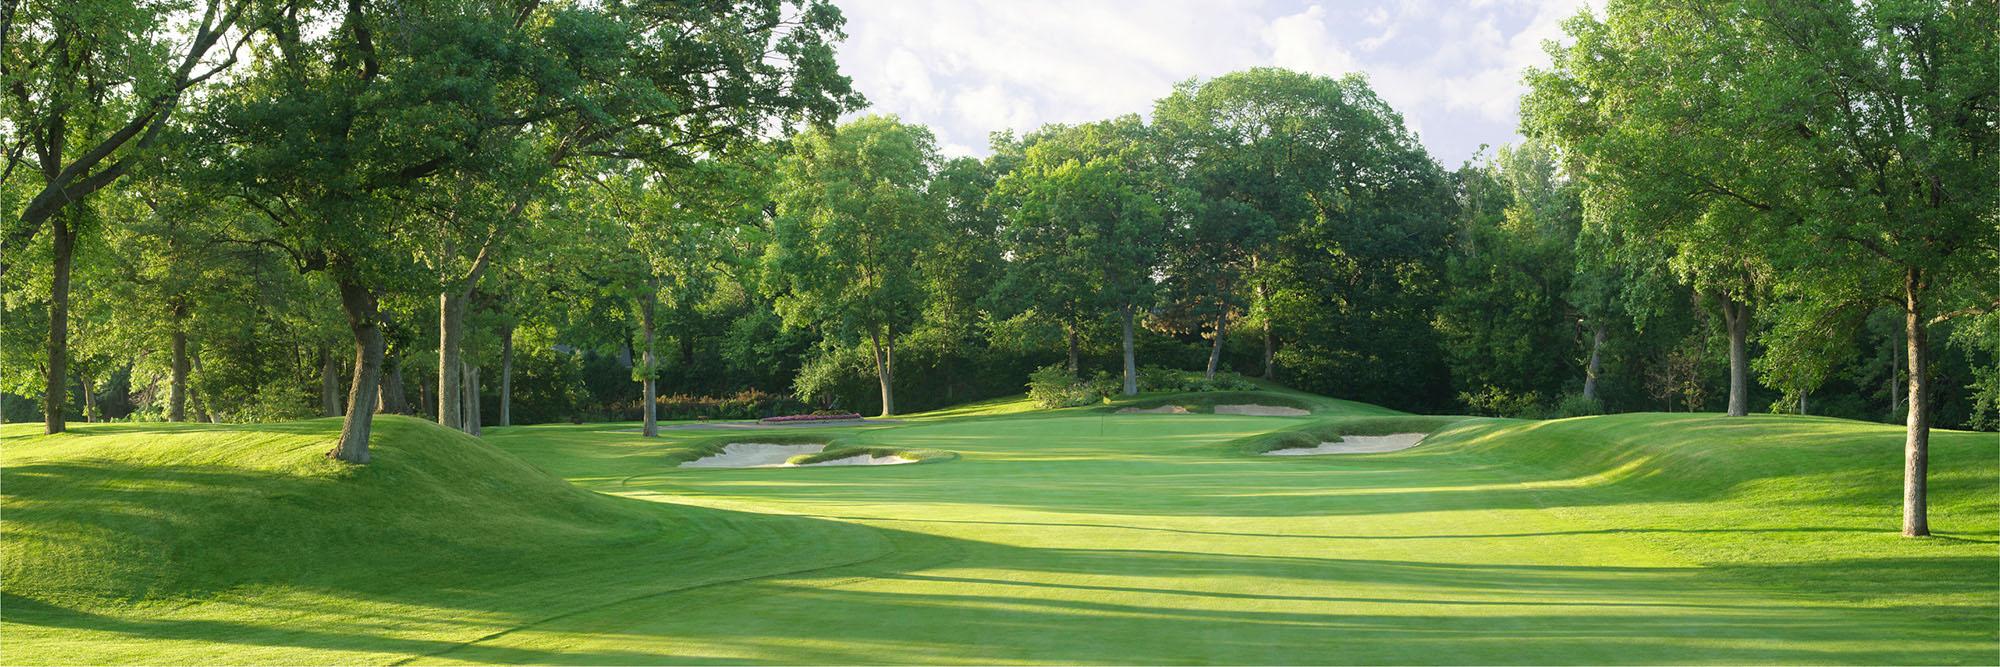 Golf Course Image - Interlachen No. 15